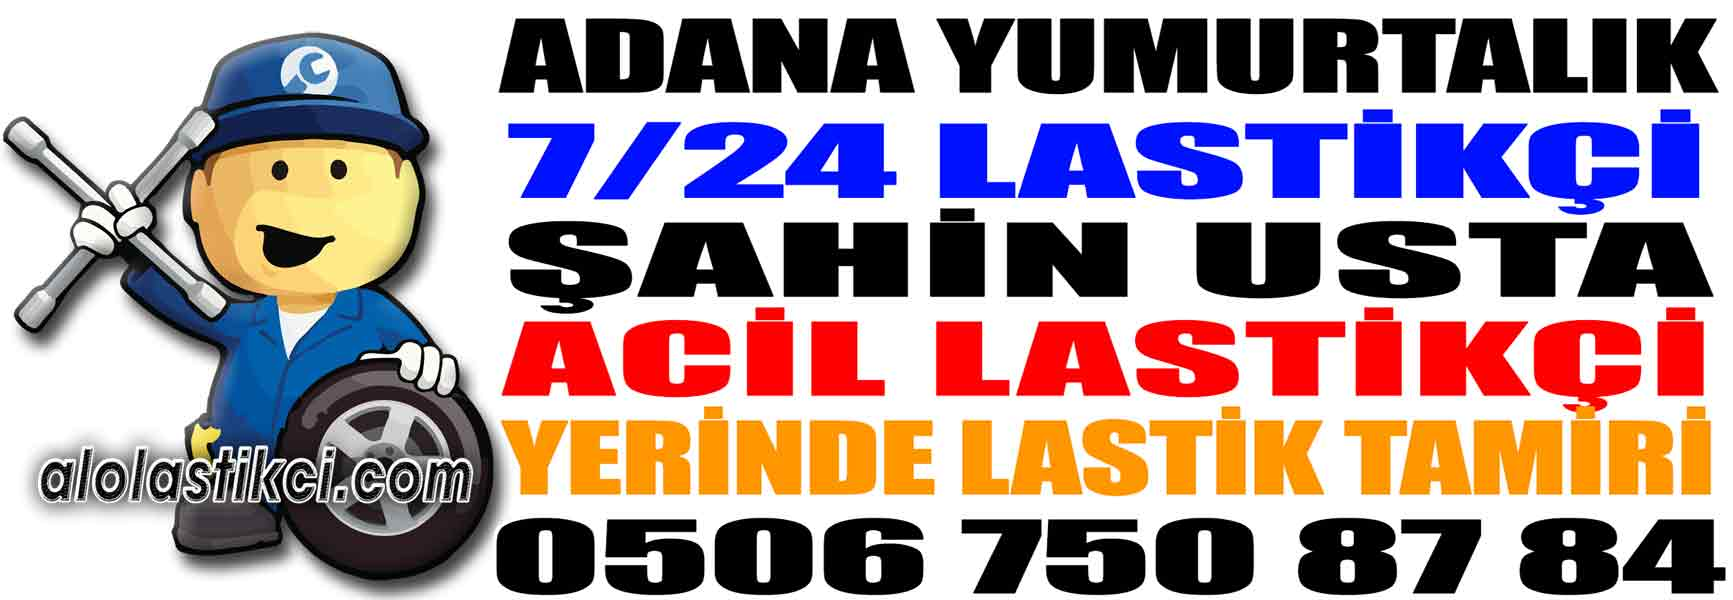 Adana Yumurtalık Lastikçi